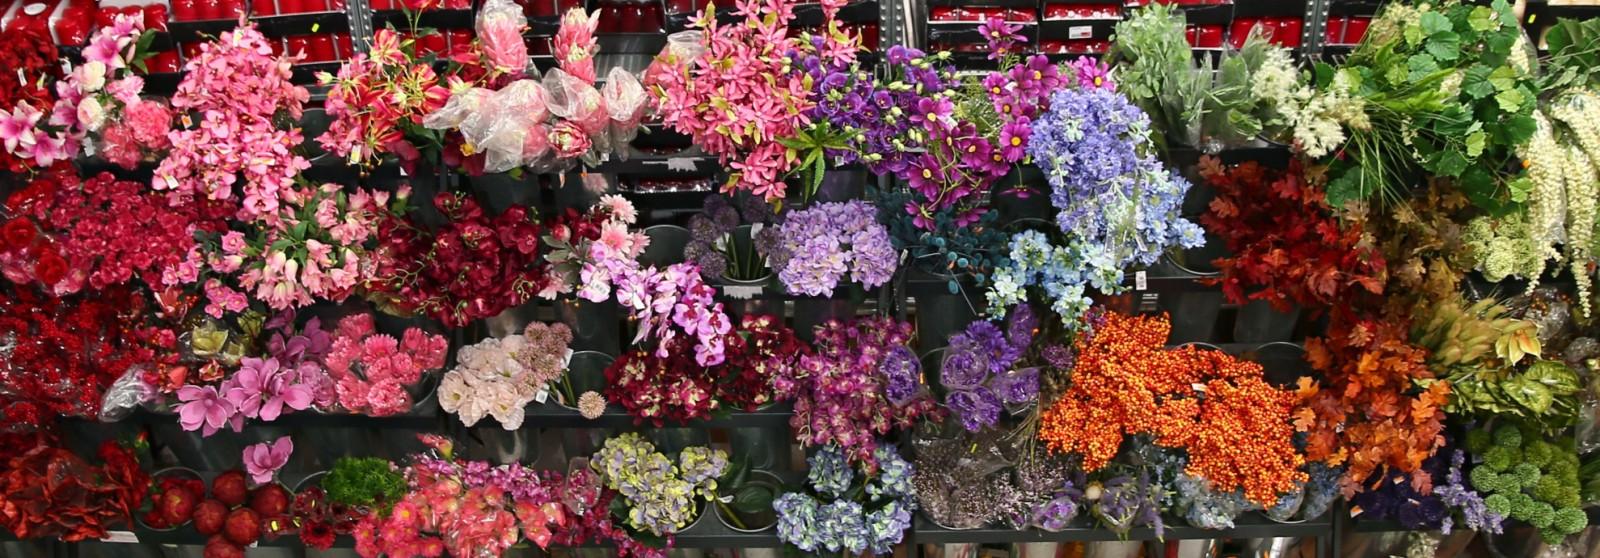 Blumen Weisheit - Stoffblumen